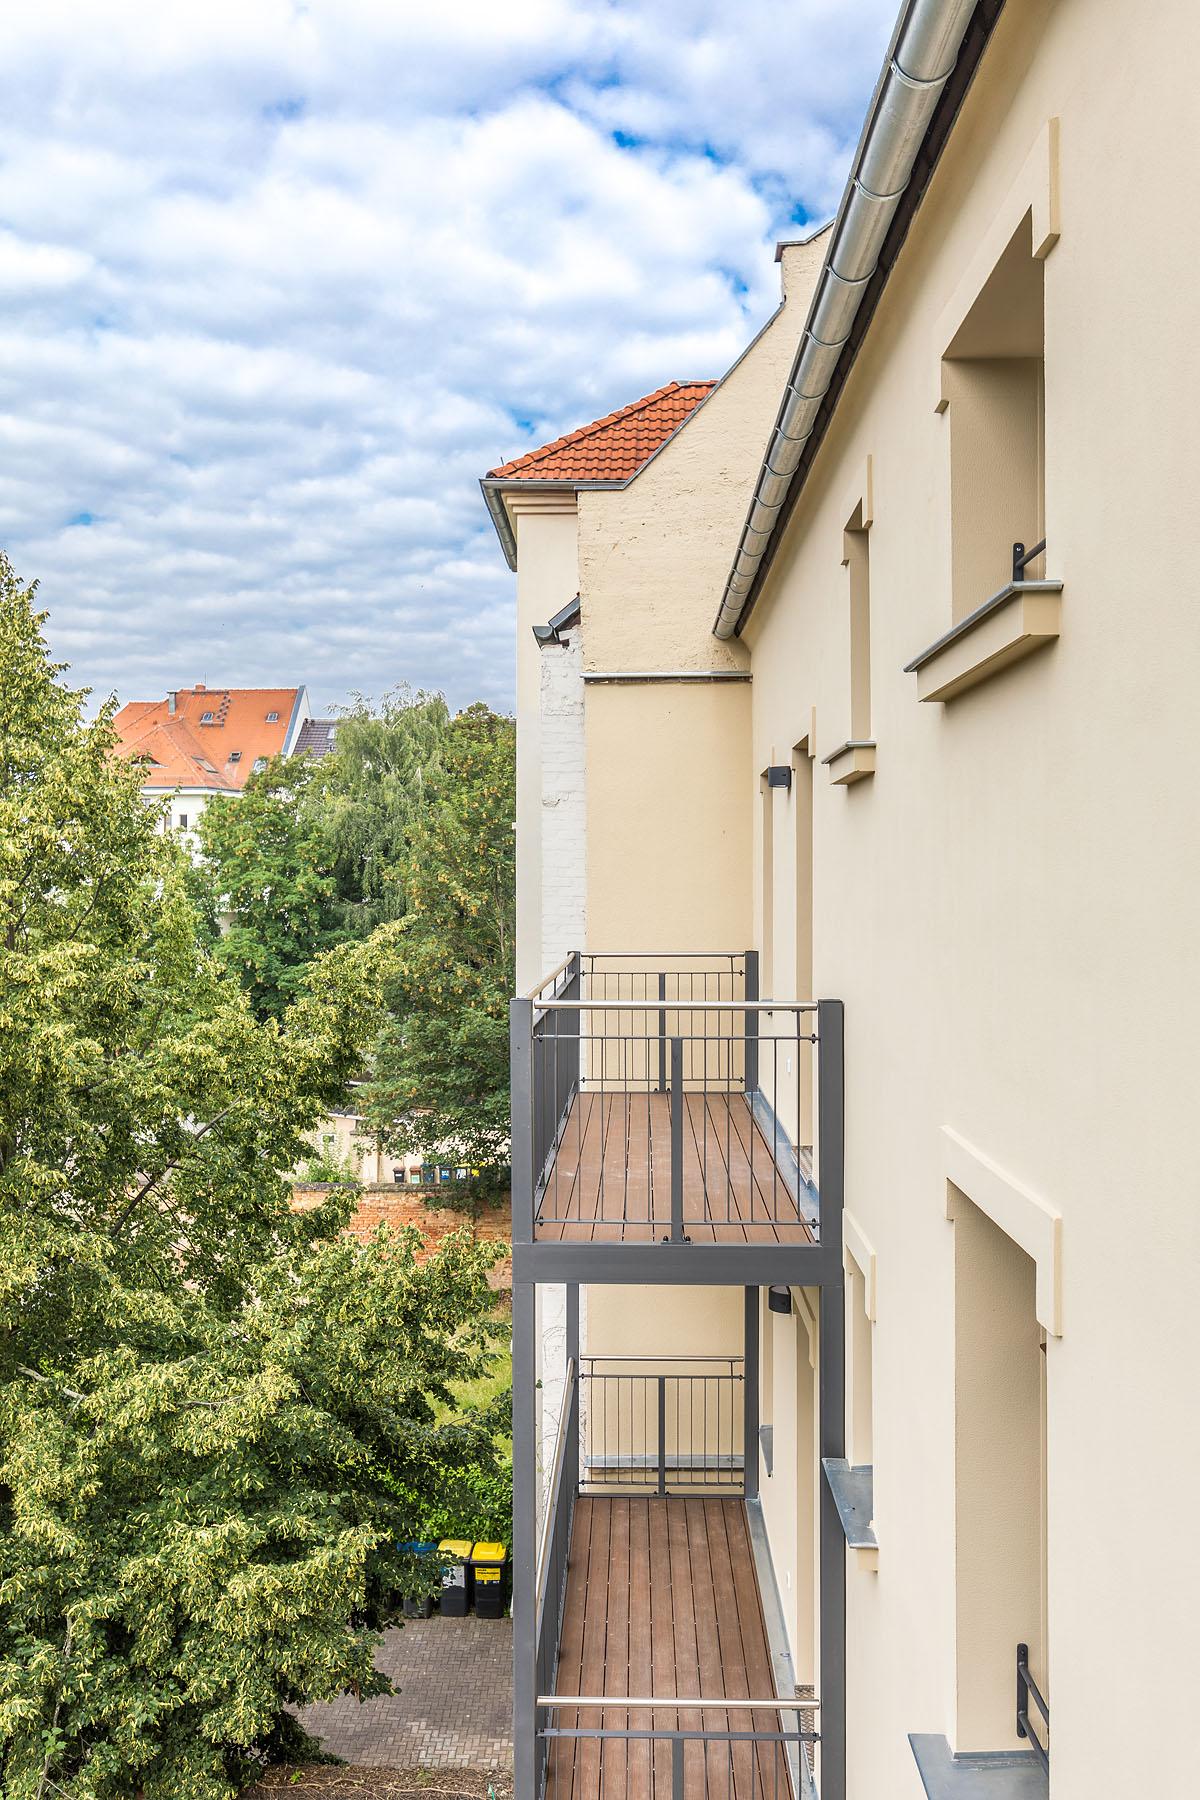 2021_mierendorffstrasse-42-vh-47